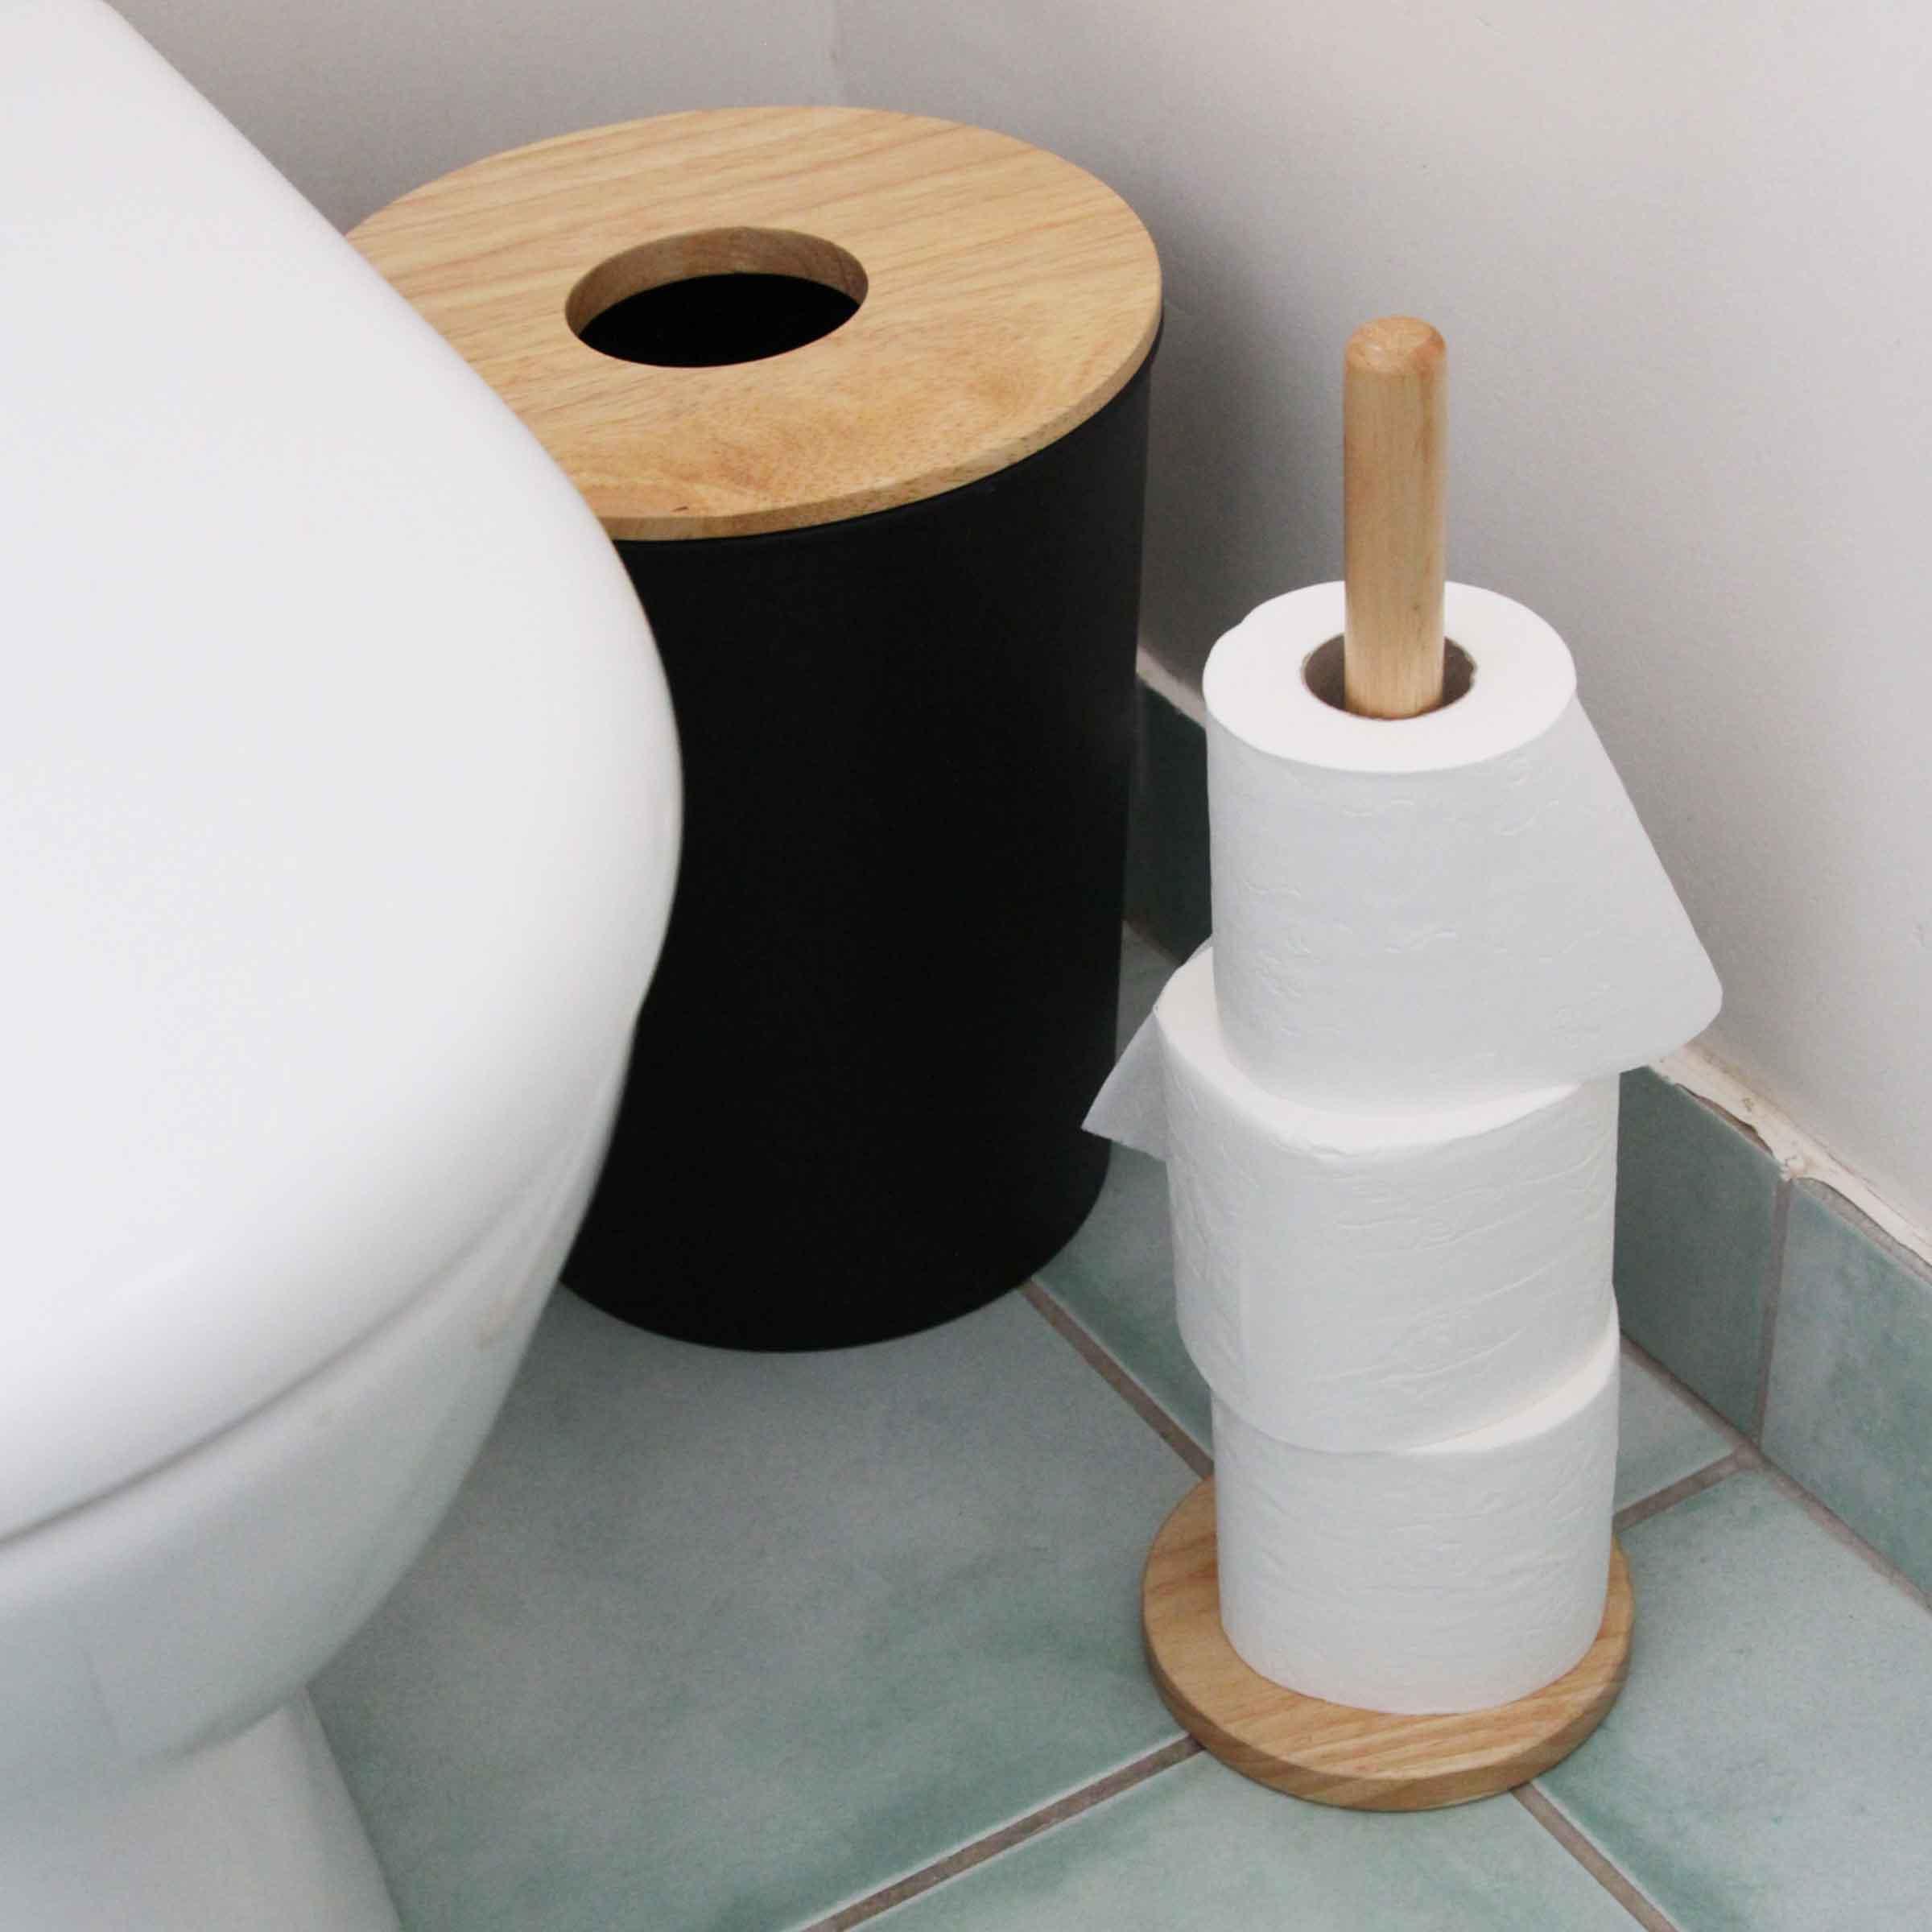 poubelle de salle de bain noire avec couvercle troué en bois clair 7 litres